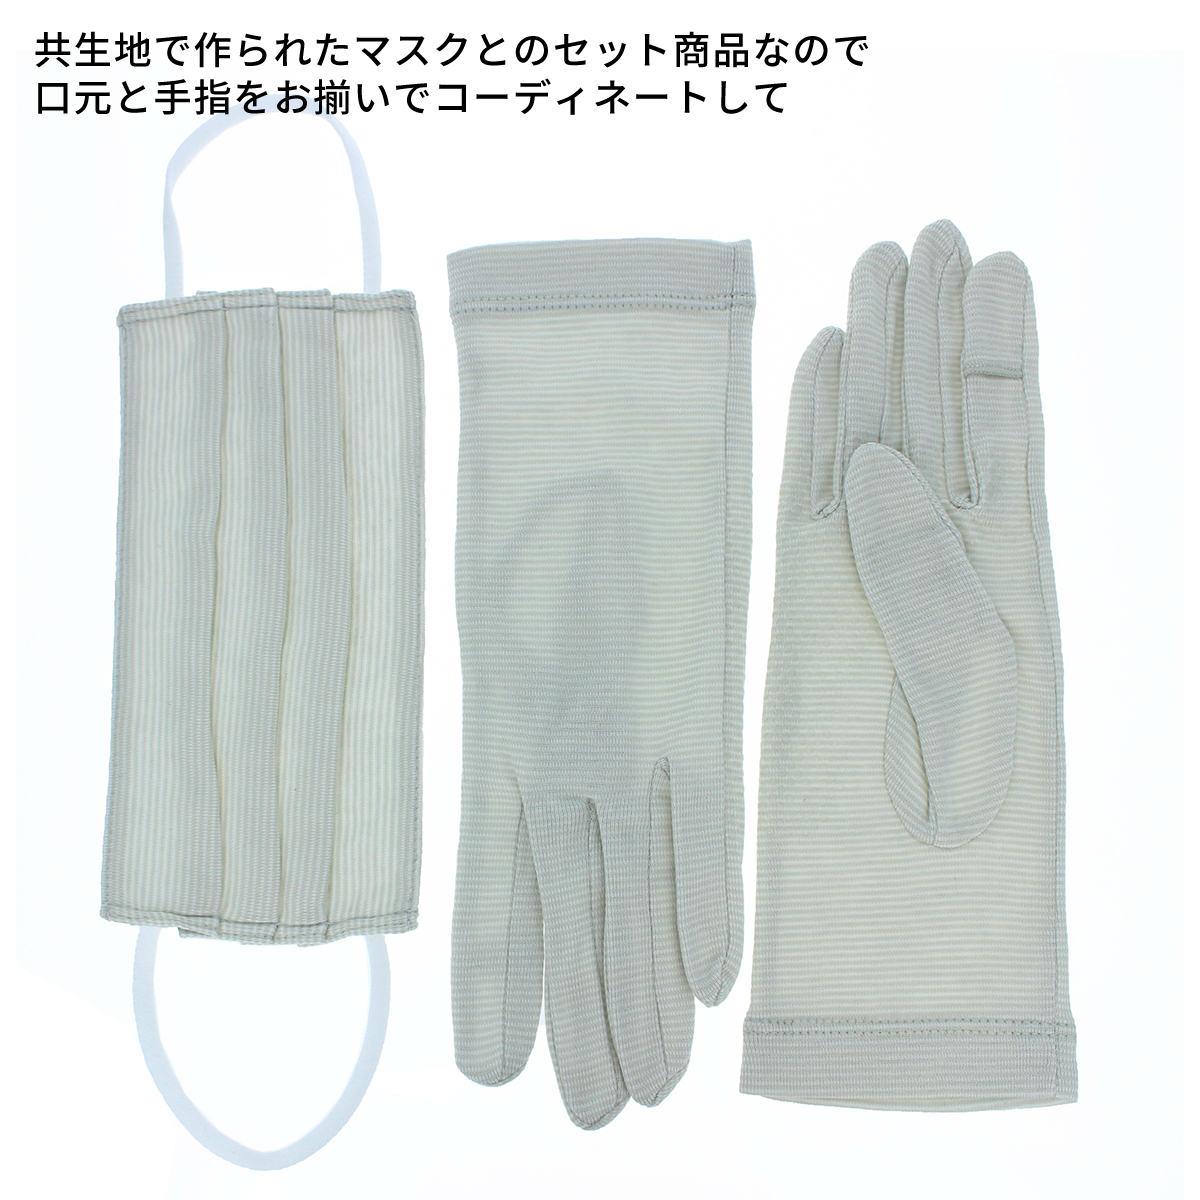 レディース UV手袋 マスクセット 抗菌 抗ウイルス 雑菌抑制 消臭 花粉対策 敏感肌対応 スマホ 指紋認証対応 UVカット 五本指手袋 布マスク 汚れ分解 ショート丈 滑り止め付